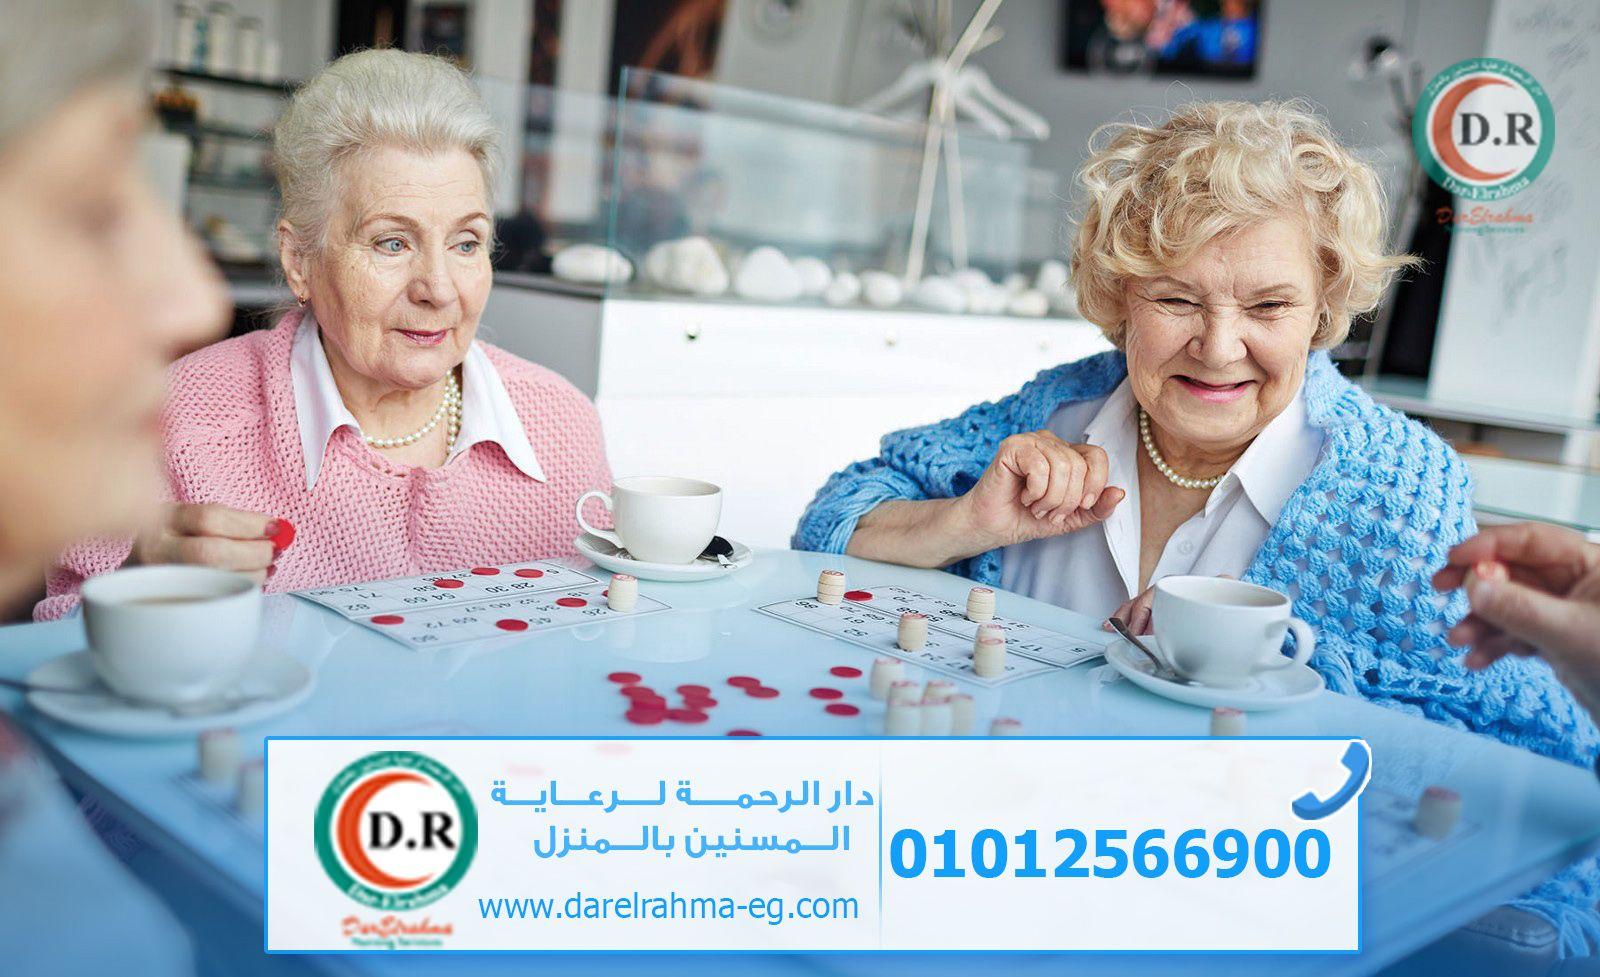 دار رعاية المسنين Http Darelrahma Eg Com D8 Af D8 A7 D8 B1 D9 85 D8 B3 D9 86 D9 8a D9 86 Ioi Doctor Poster